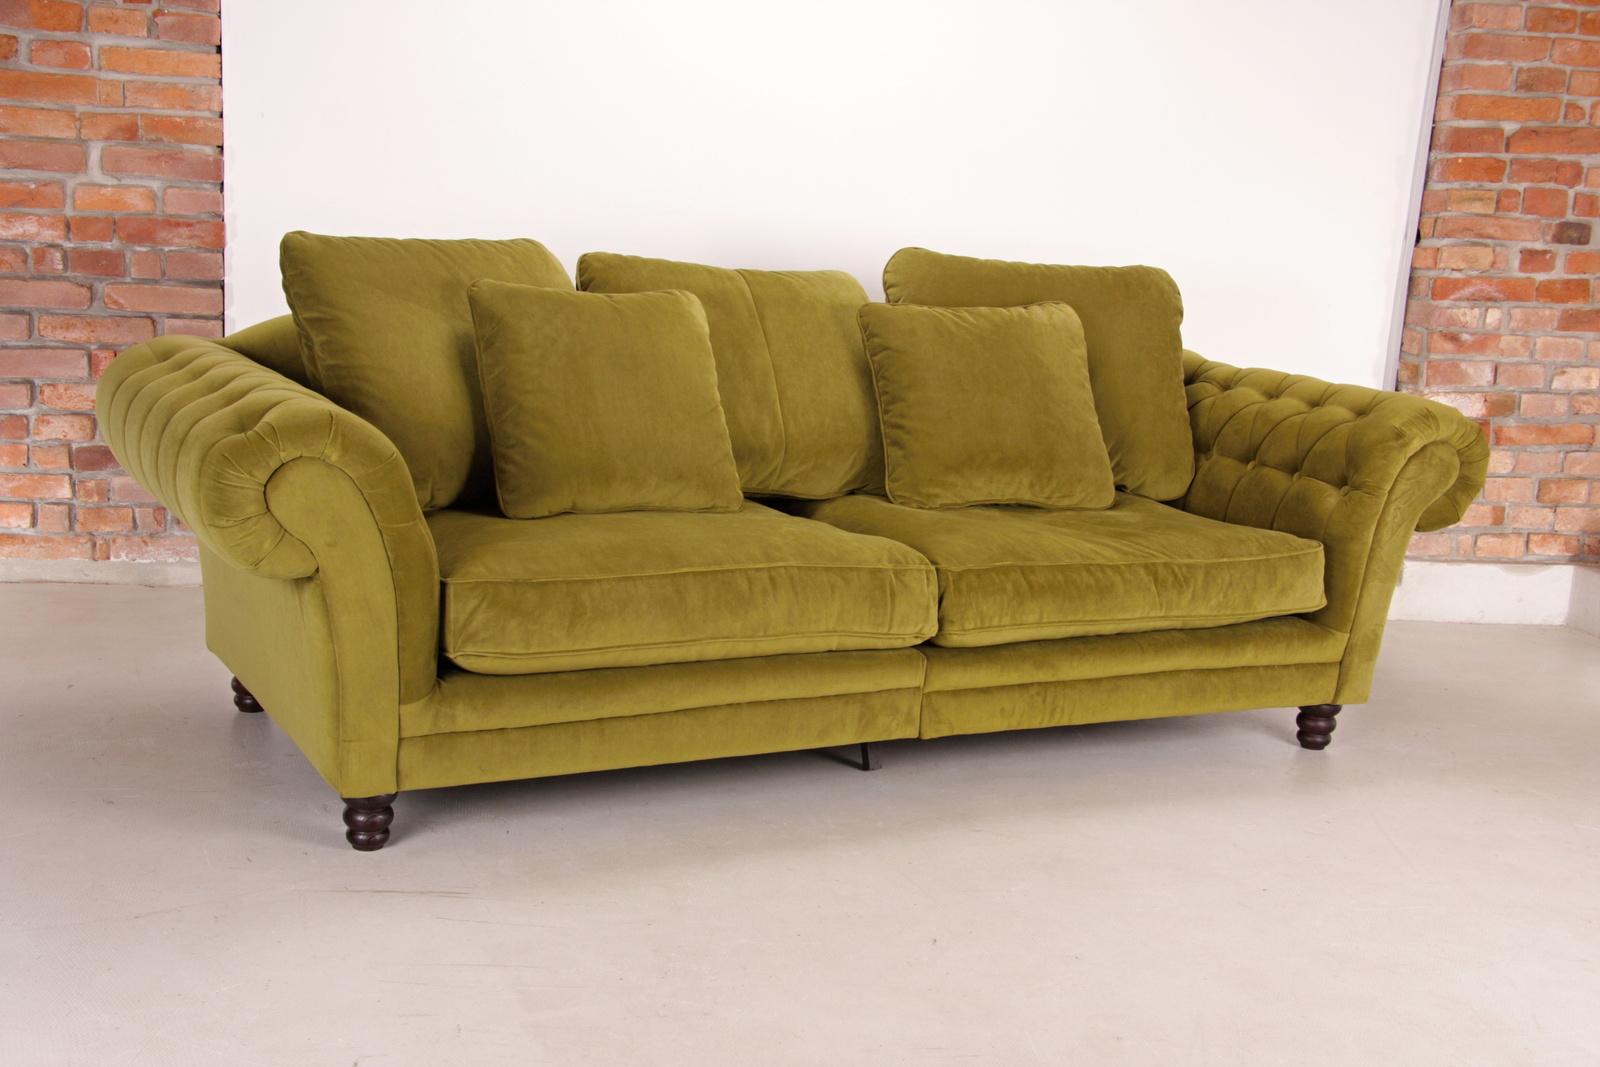 Megasofa chalet  ABC Nábytek Prodáváme sedací soupravy, nábytek z masivu, pohovky a ...